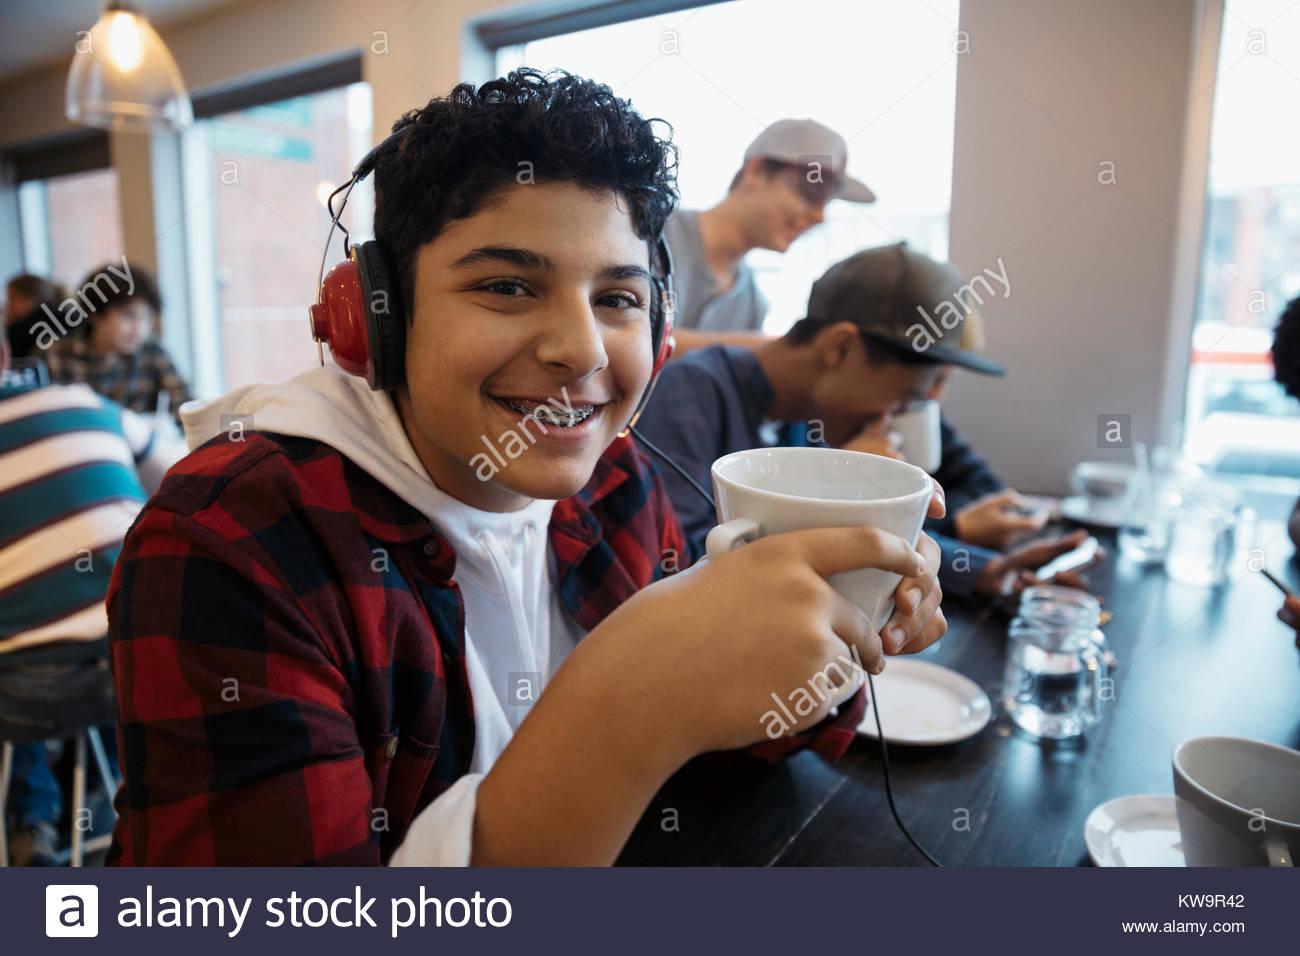 Porträt Lächeln, zuversichtlich, im Nahen und Mittleren Osten tween Junge mit Kopfhörer Kaffee trinken Stockbild